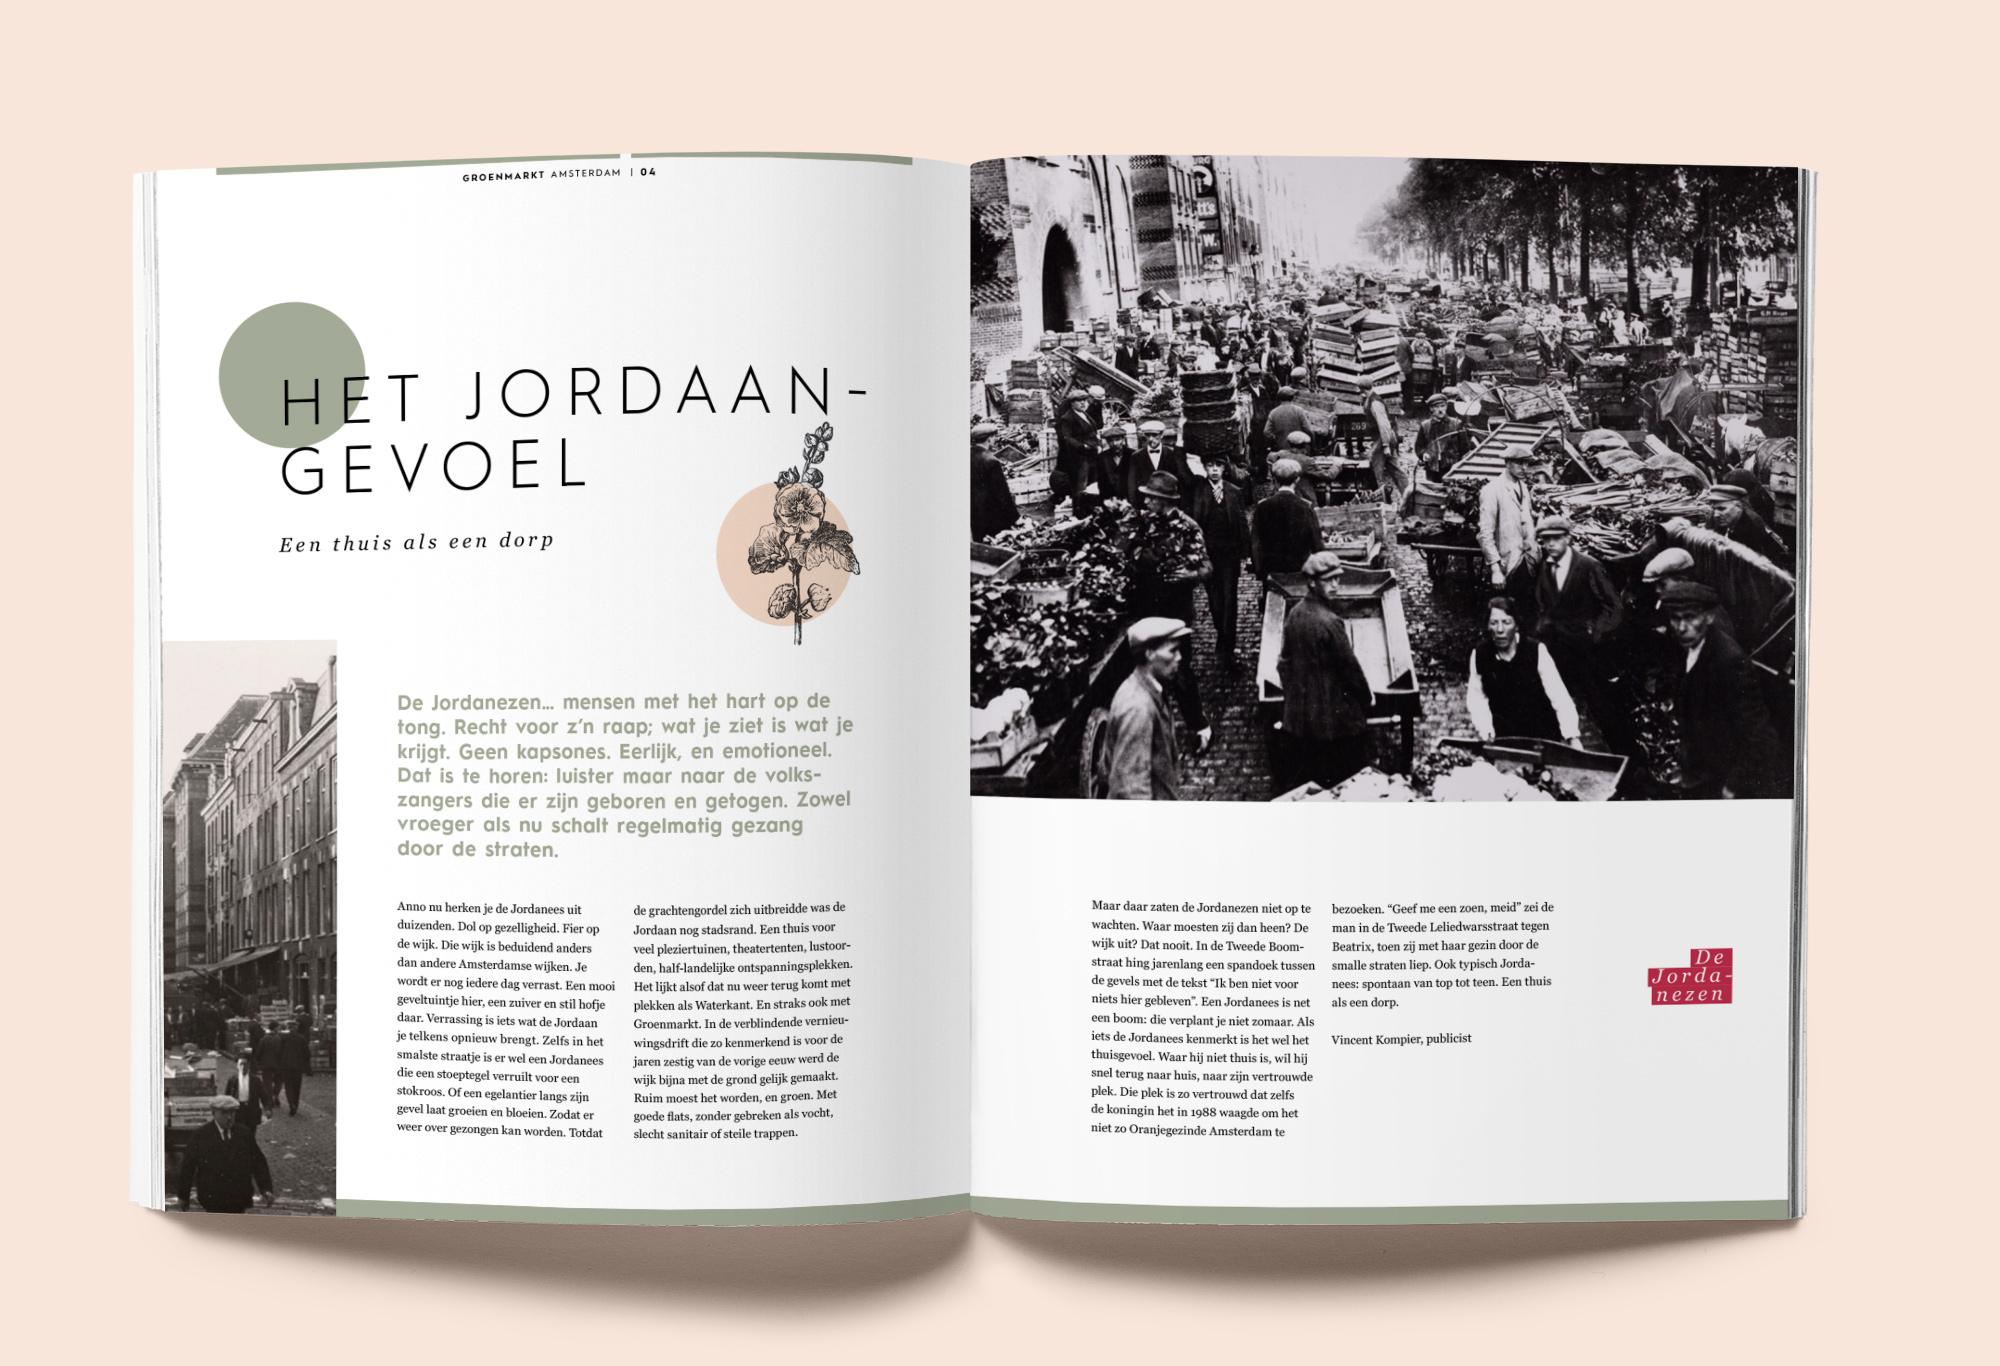 Groenmarkt_brochure2.jpg